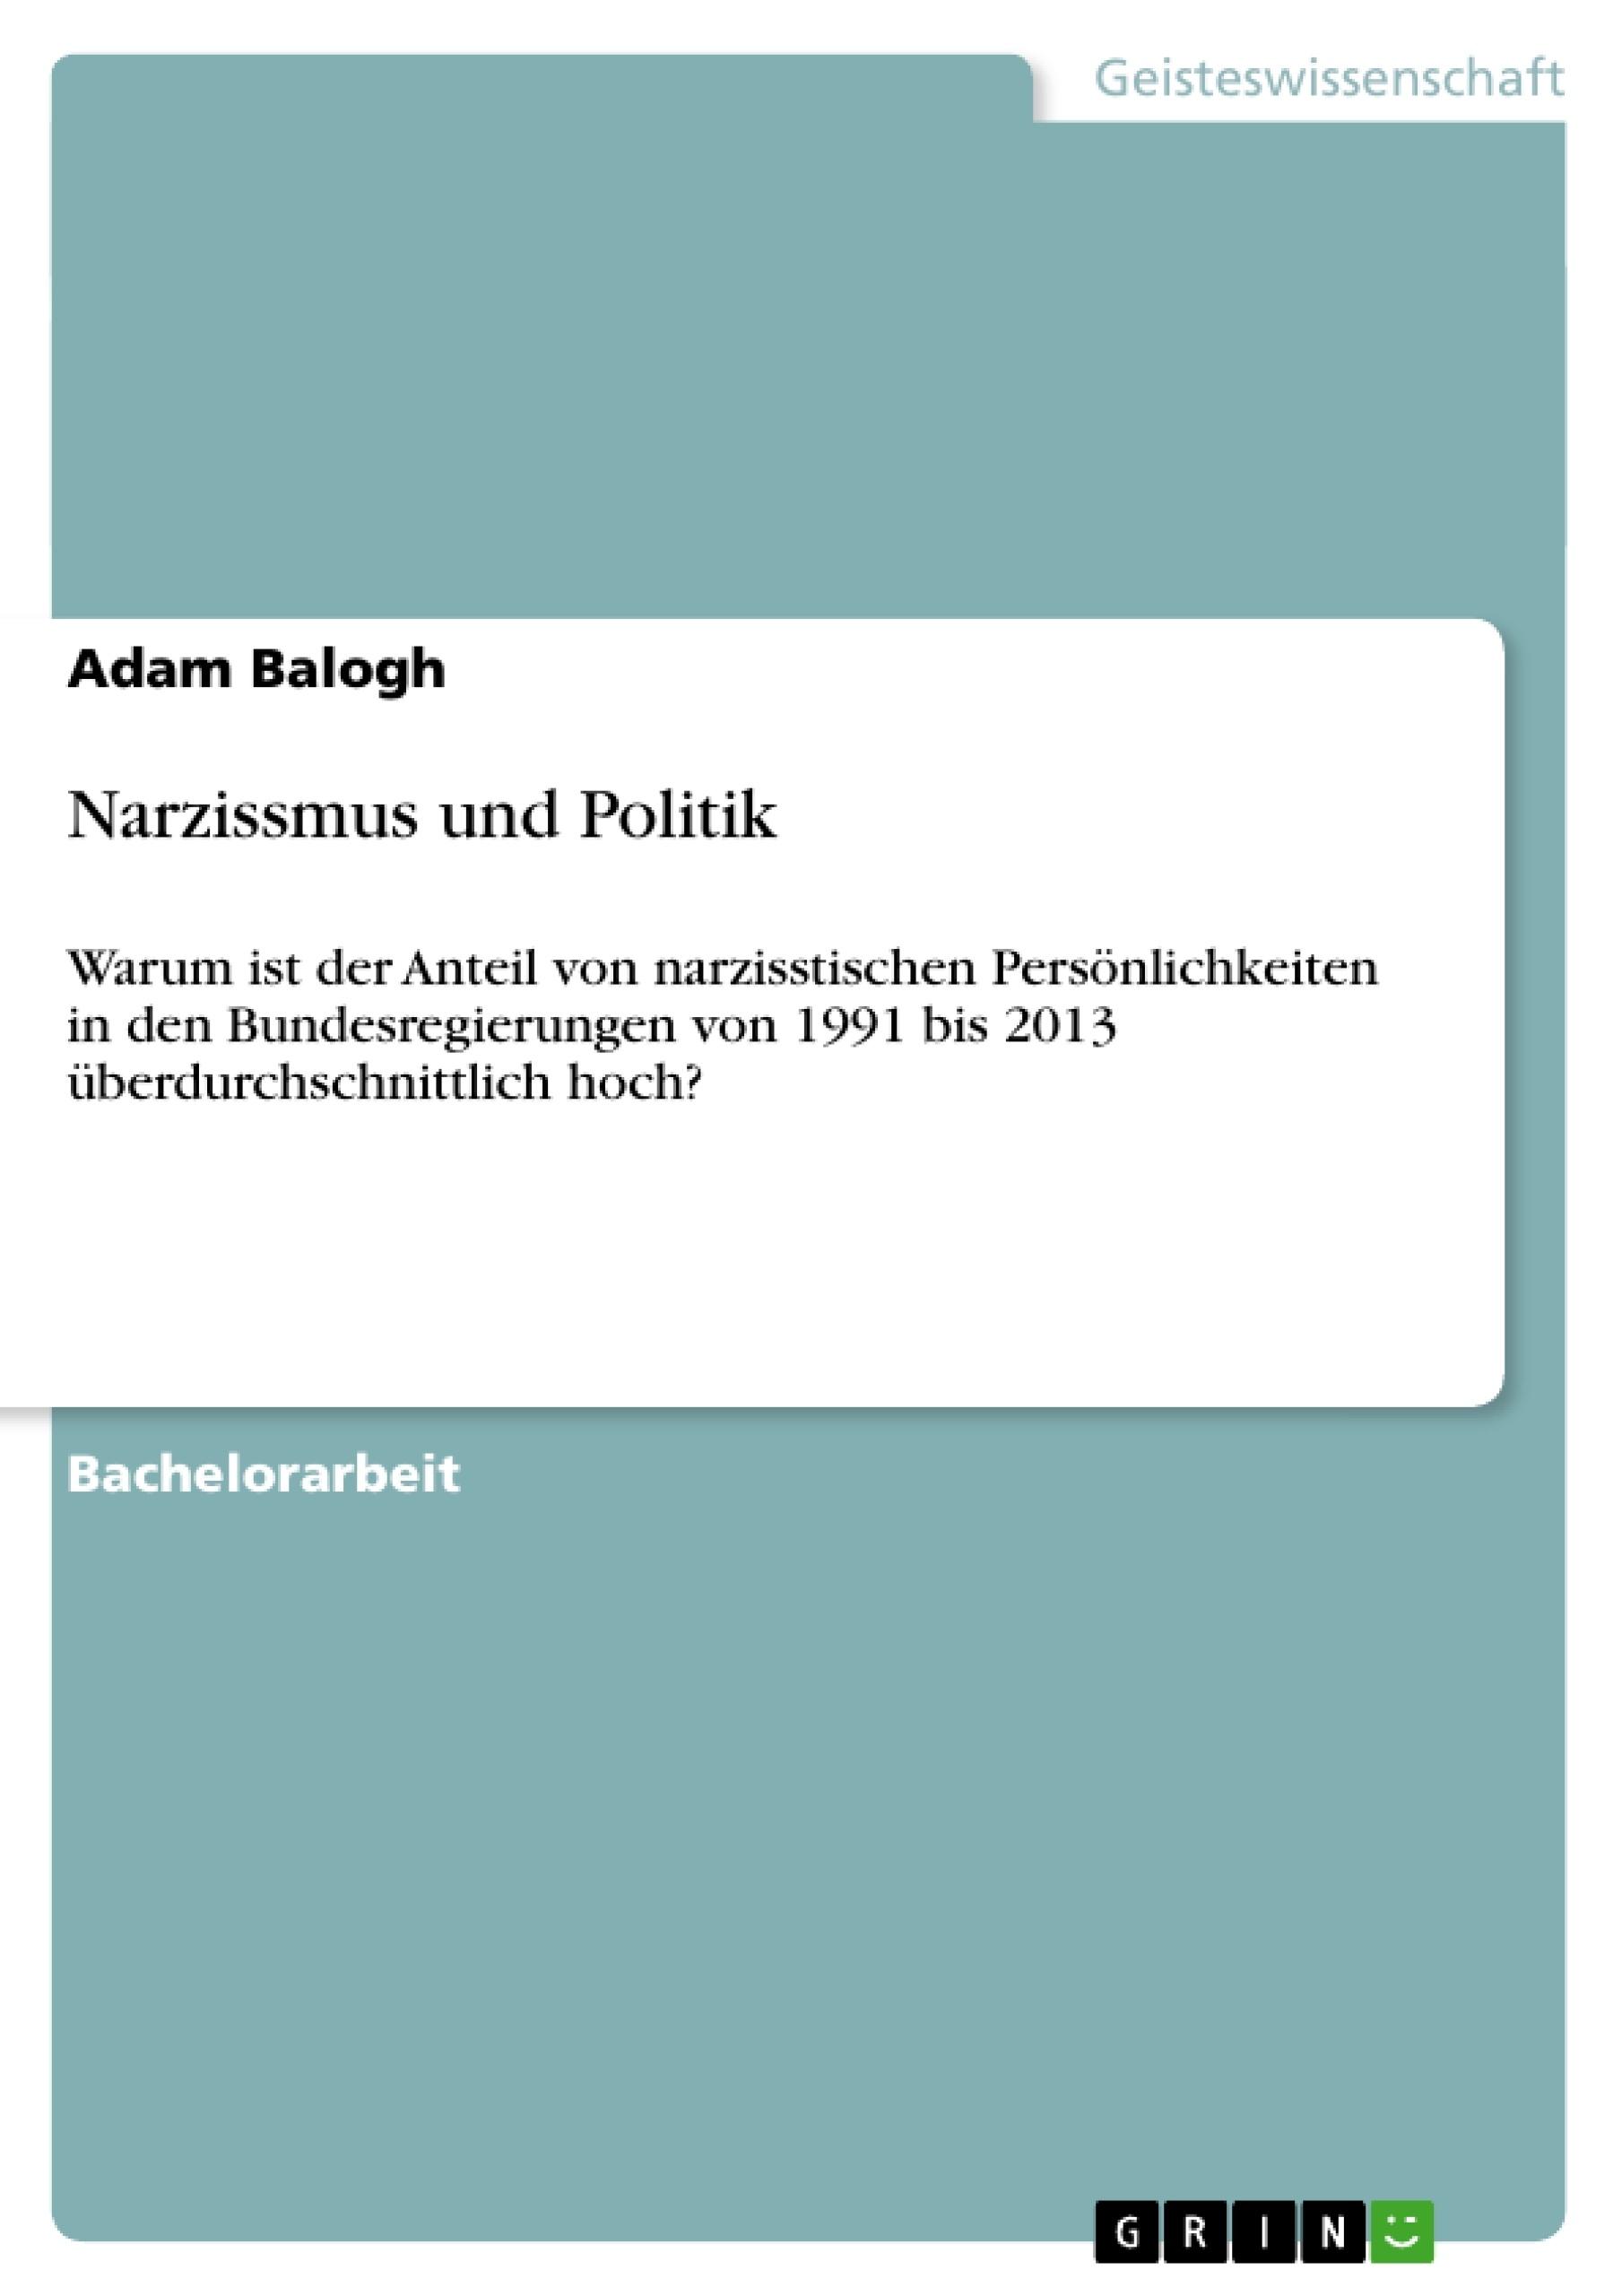 Titel: Narzissmus und Politik